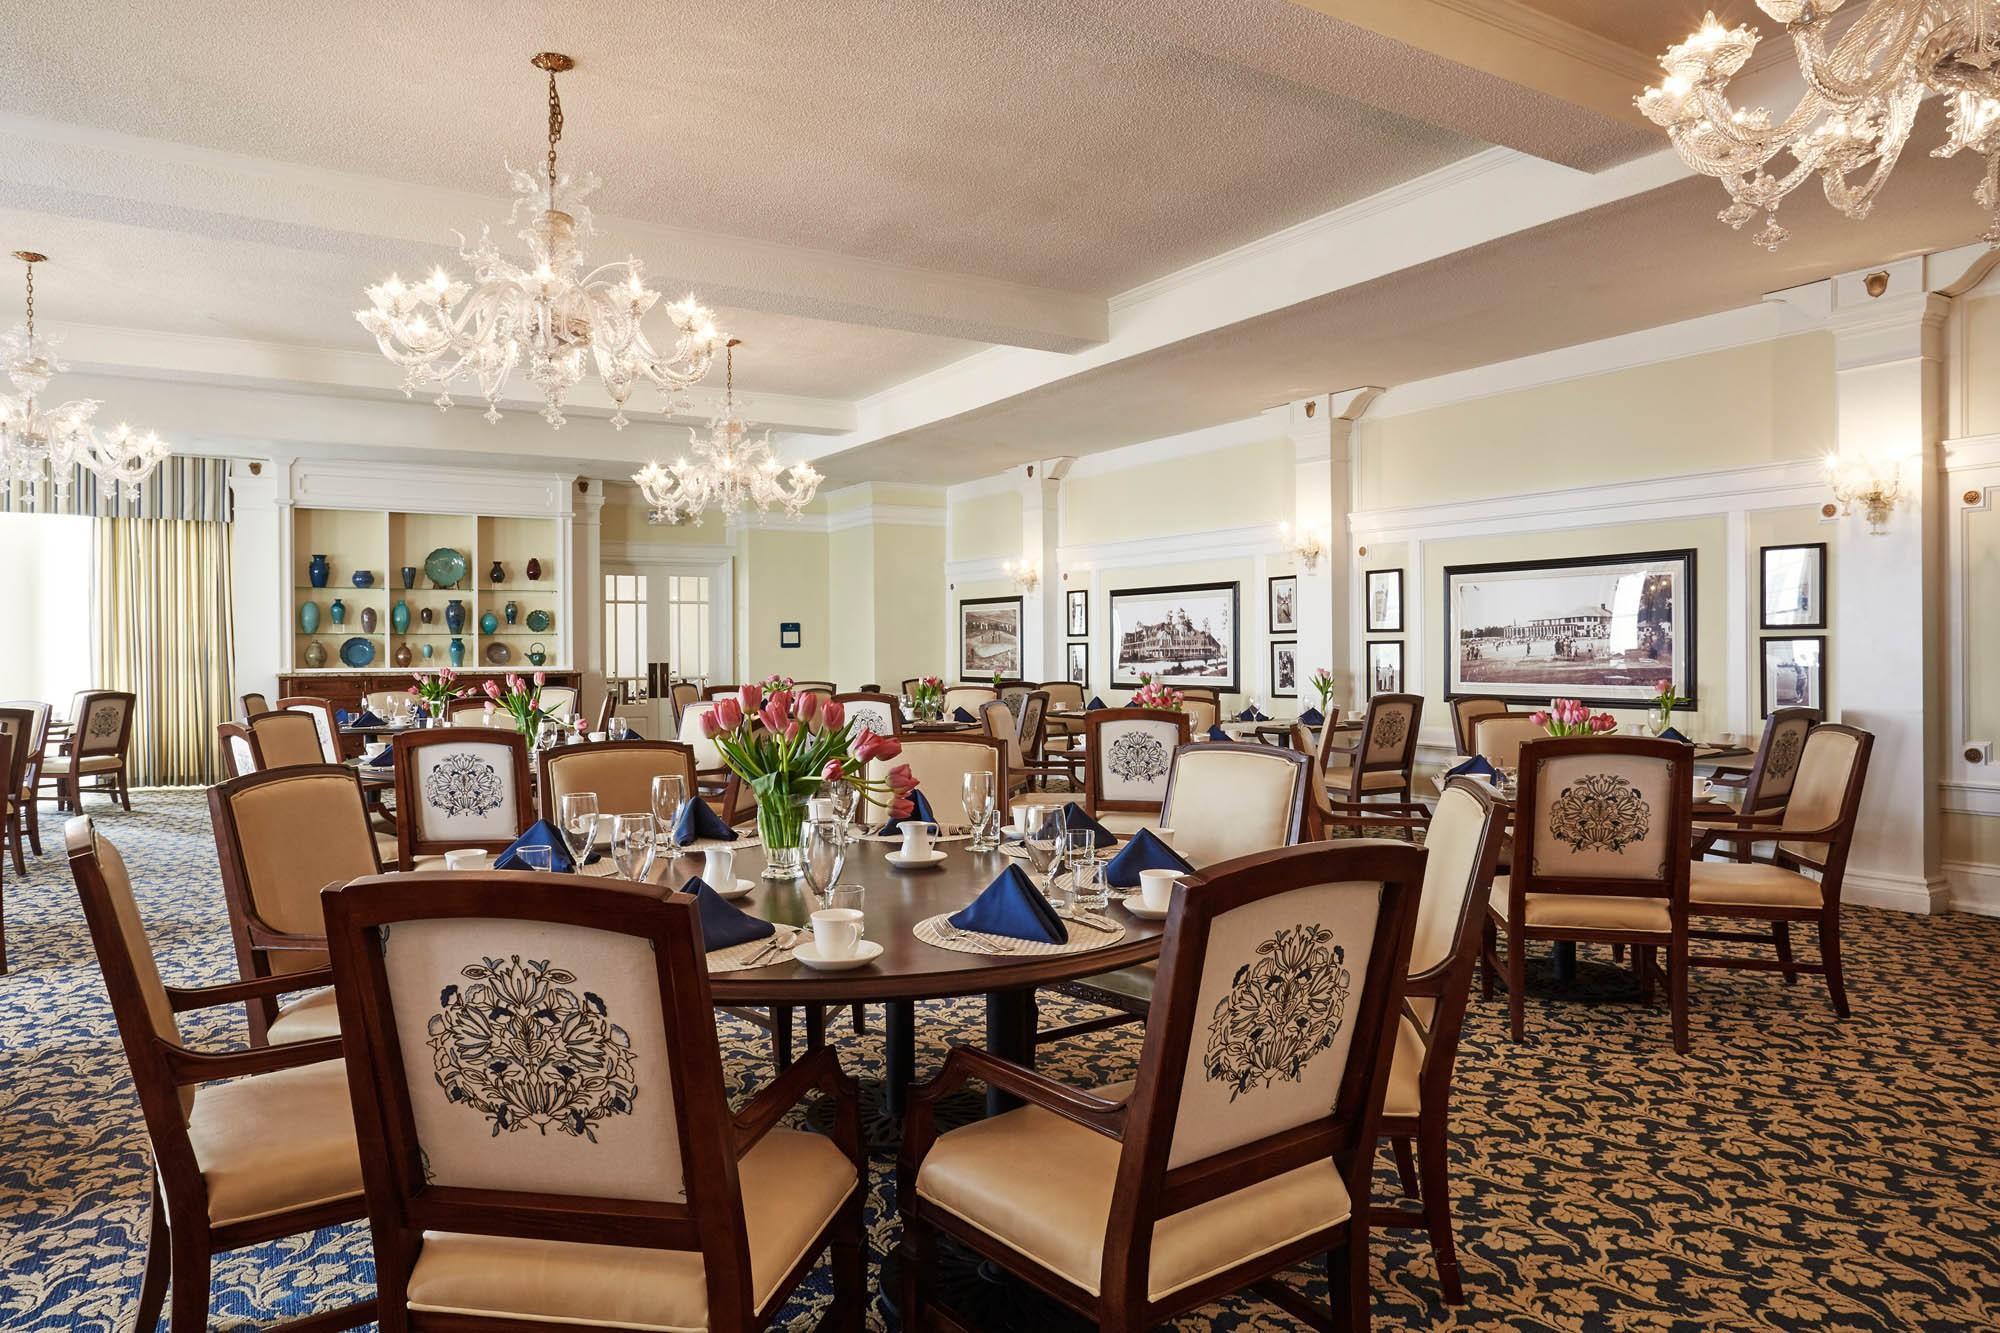 Carolina Dining Room Pinehurst Resort Glav Holmes Architecture